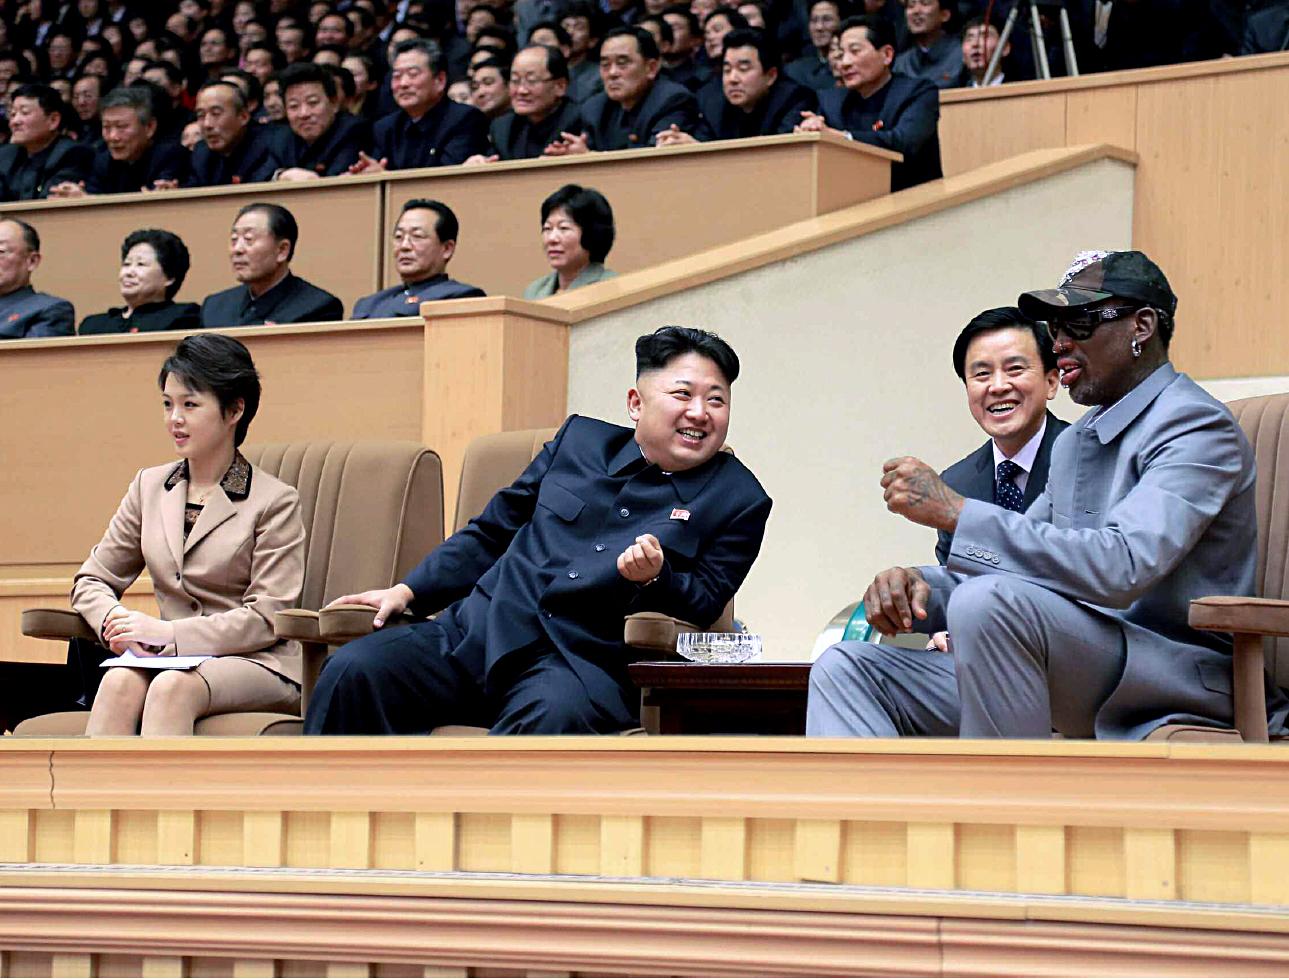 2014년 김정은 북한 국방위 제1위원장이 자신의 30회 생일인 1월 8일 평양체육관에서 미 프로농구협회(NBA) 출신 데니스 로드먼 일행과 북한 횃불팀의 농구경기를 관람하고 있다. [사진제공=노동신문]